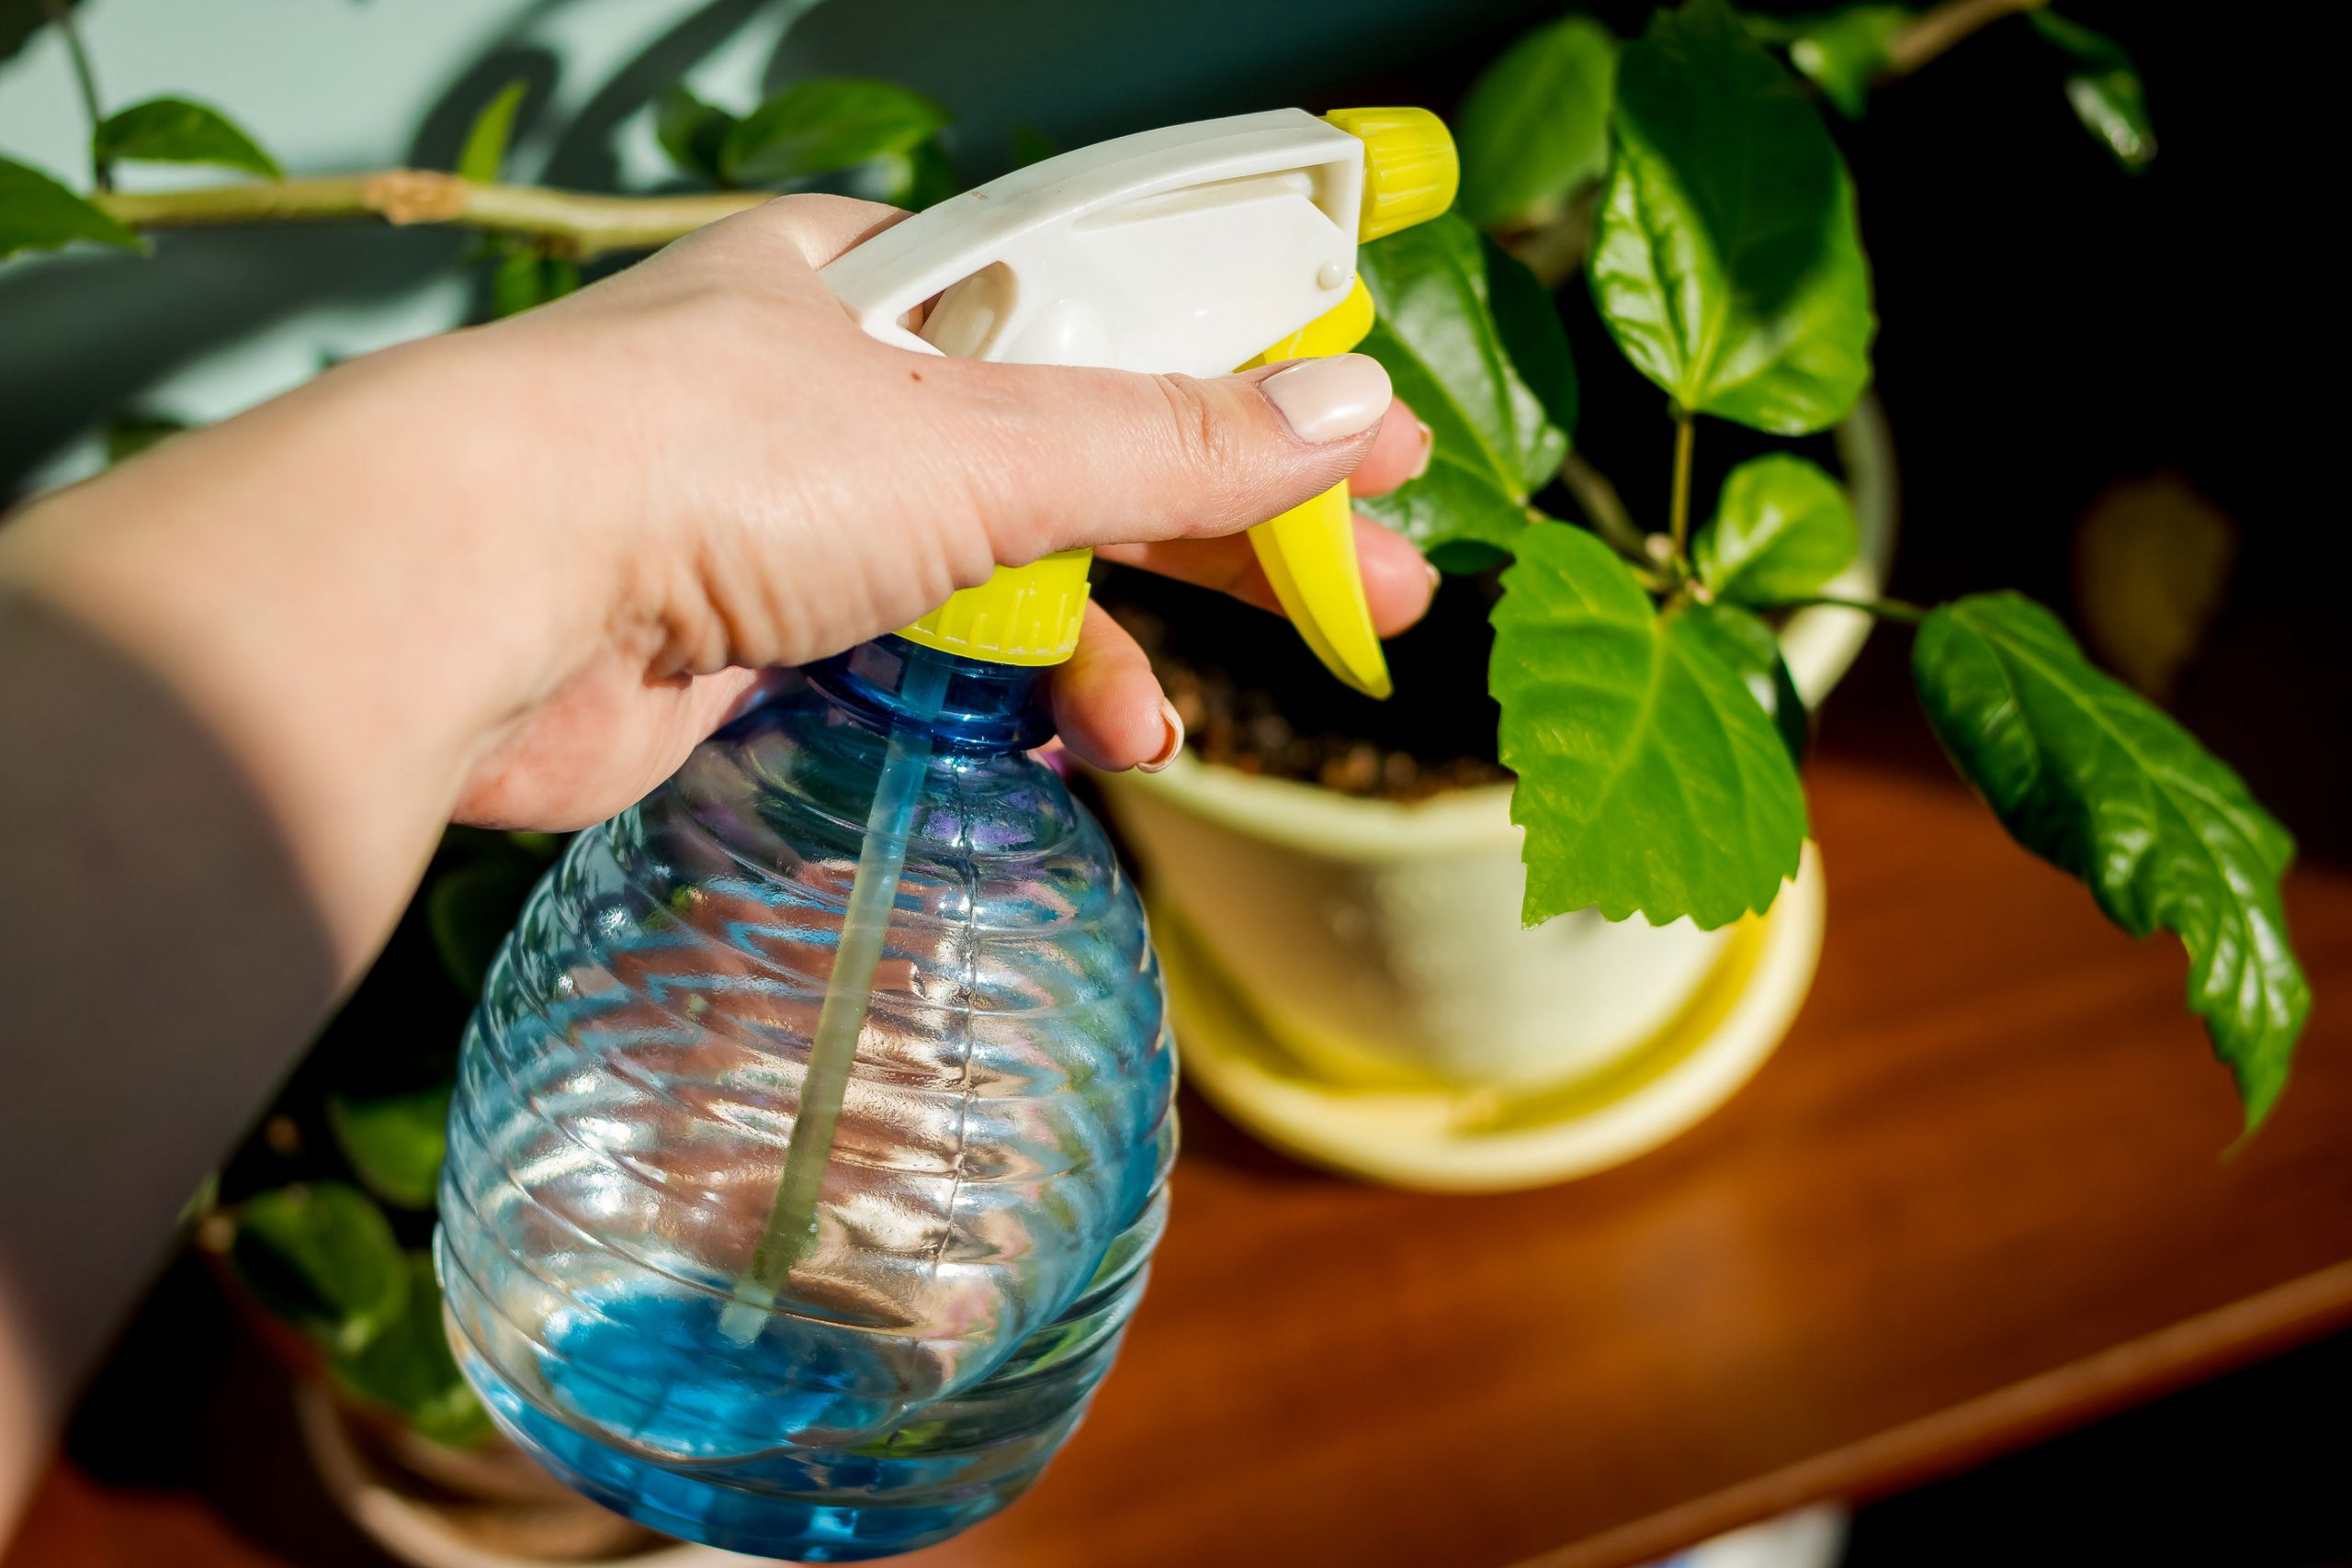 vanne planter ferie tips hvordan vanning blomster